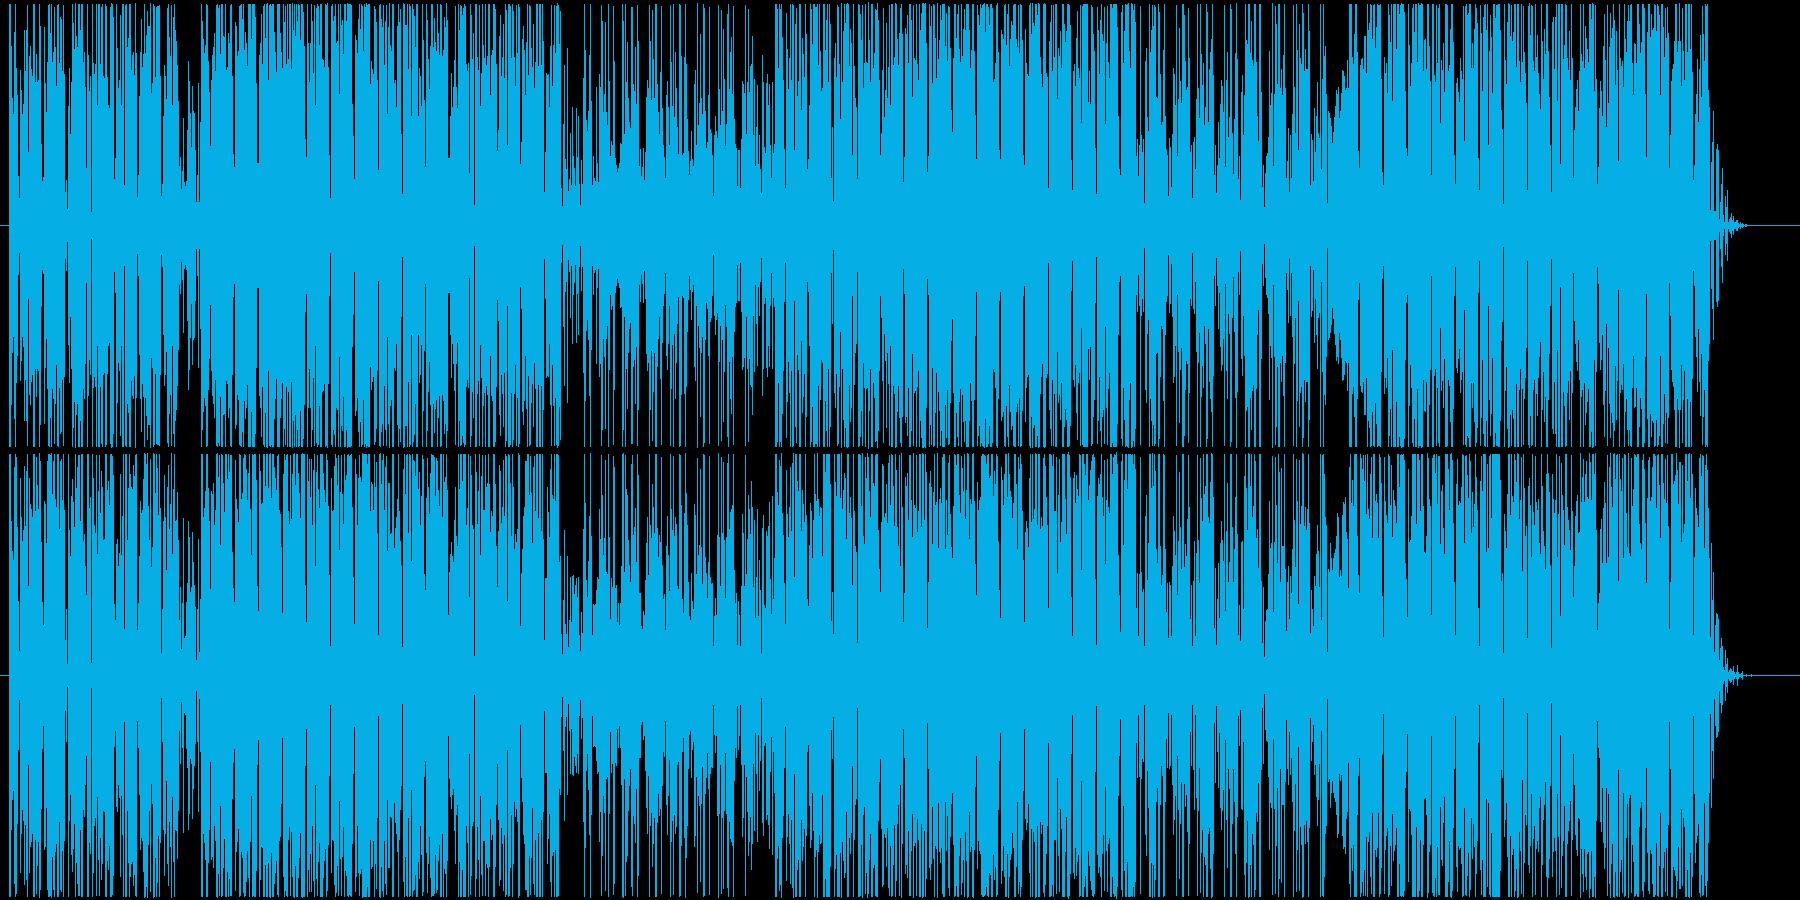 ファンキーなシンセベースが印象的なBGMの再生済みの波形